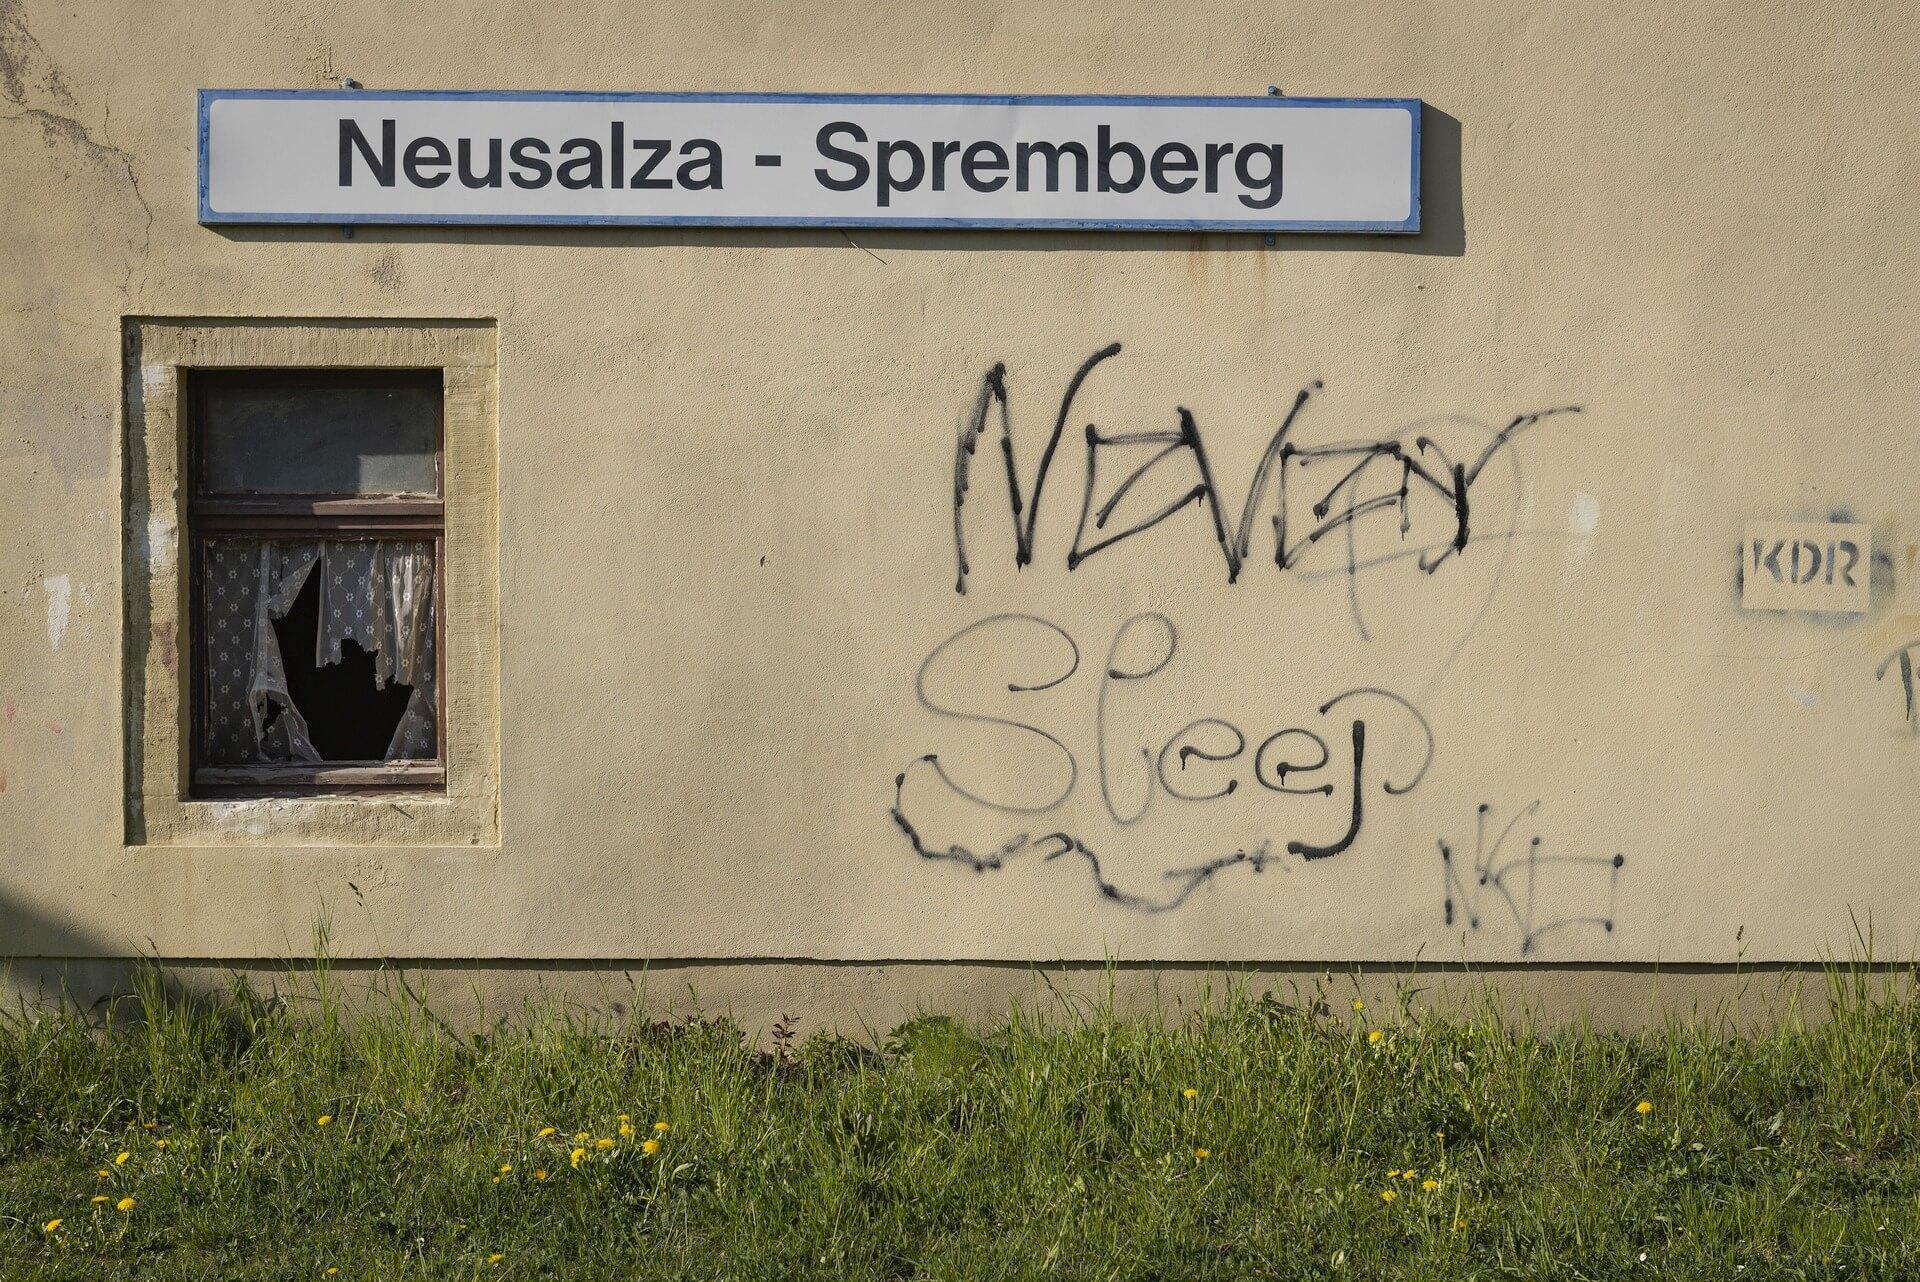 Bahnhof Neusalza-Spremberg